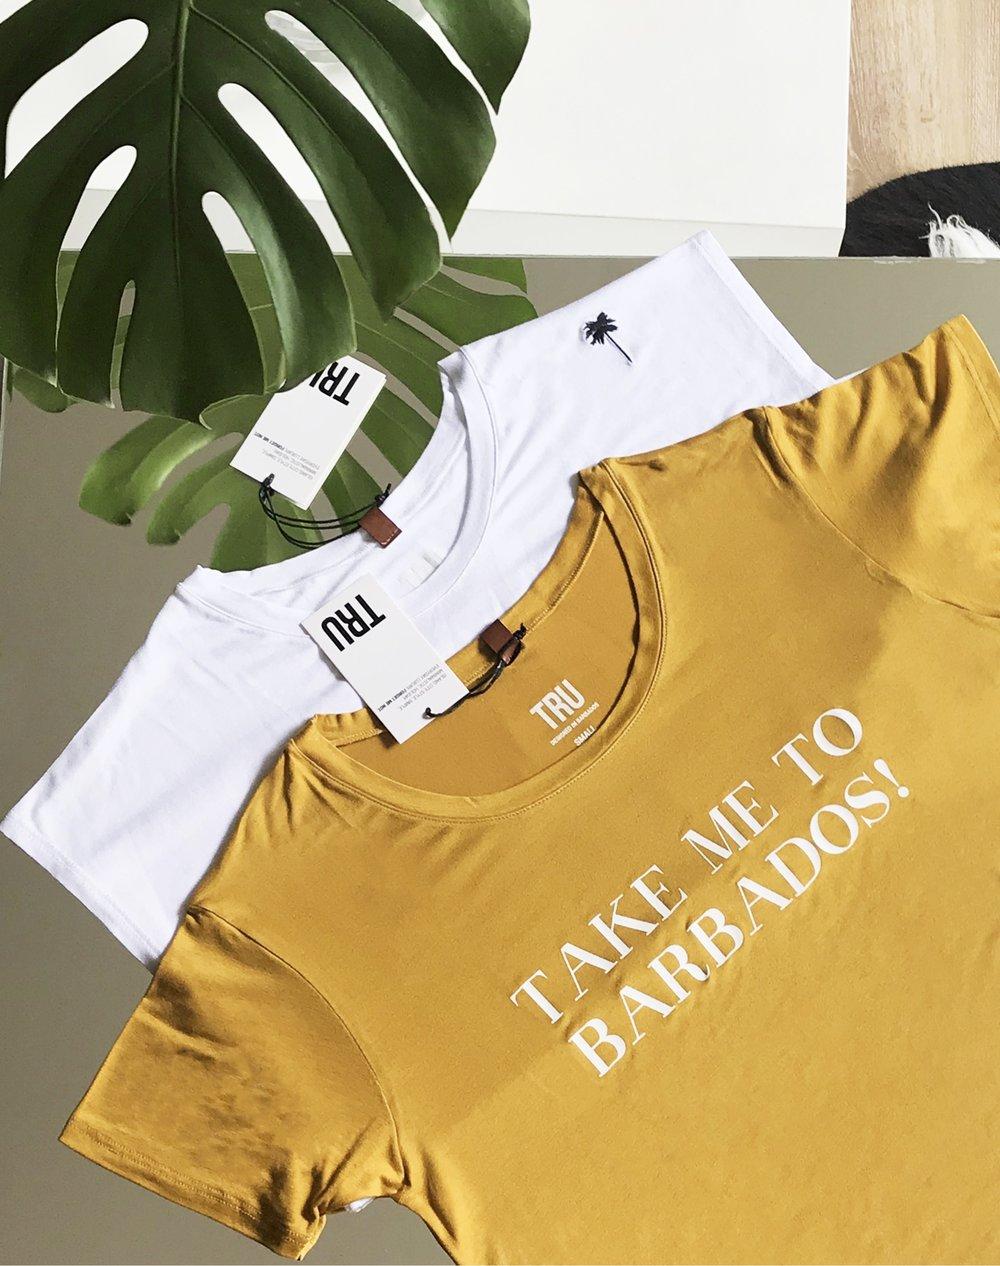 tees.trubarbados.tru.barbados.collection.clothing.brand.flatlay